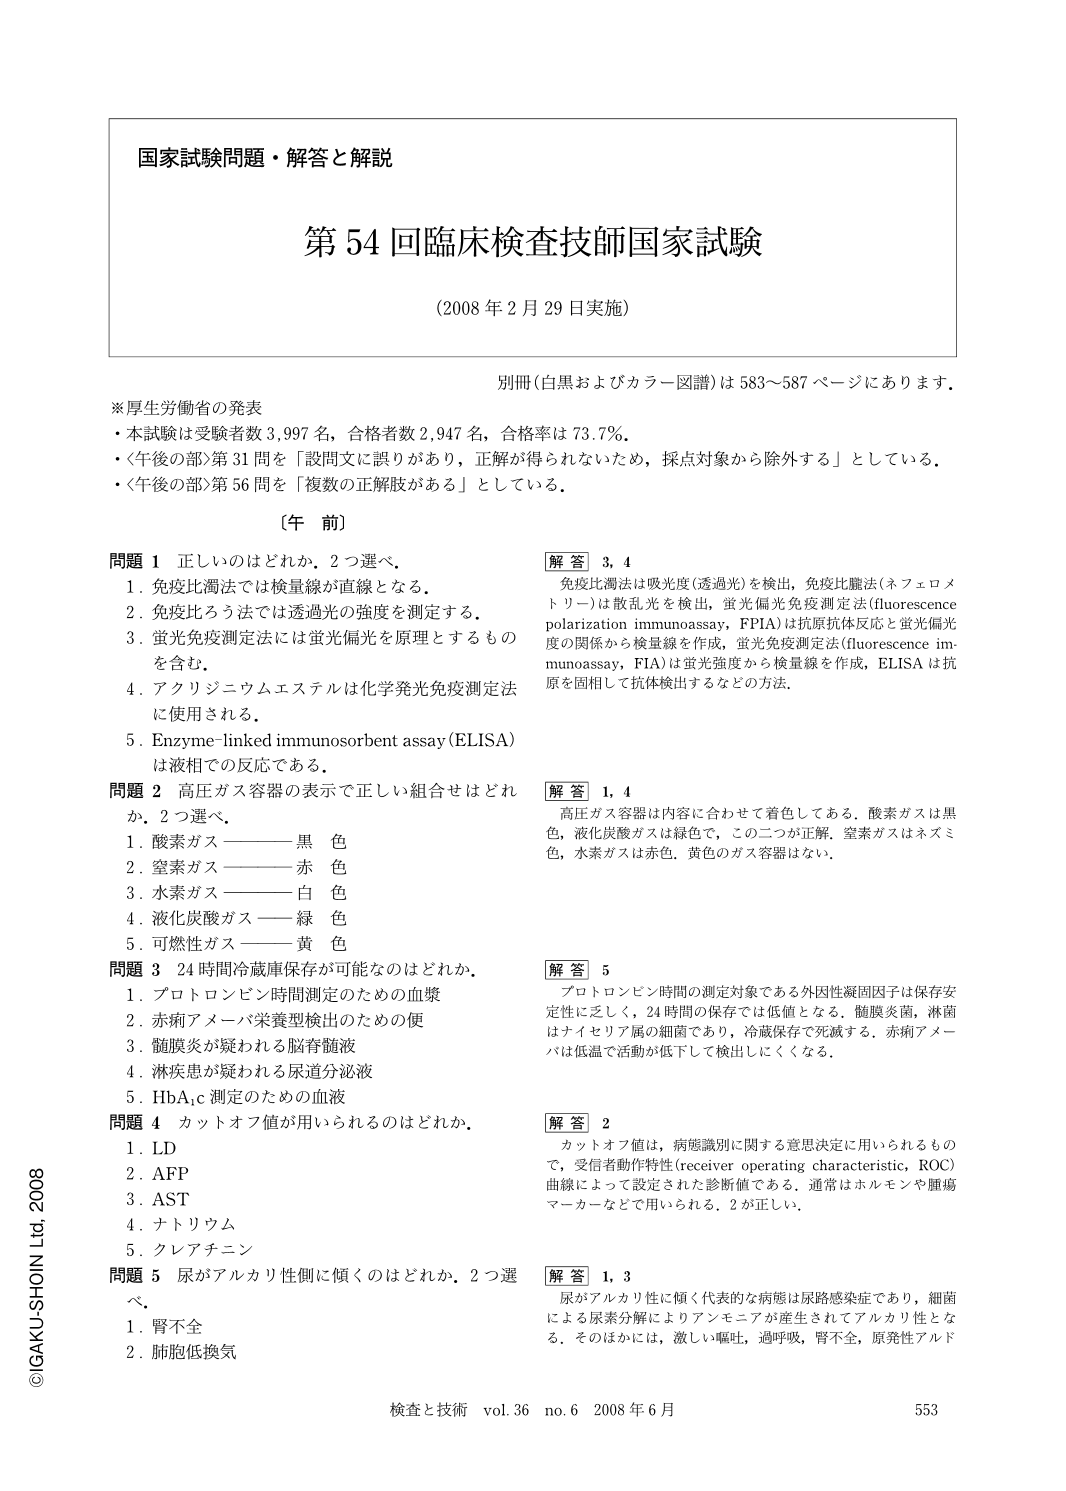 国家 試験 臨床 回 66 技師 検査